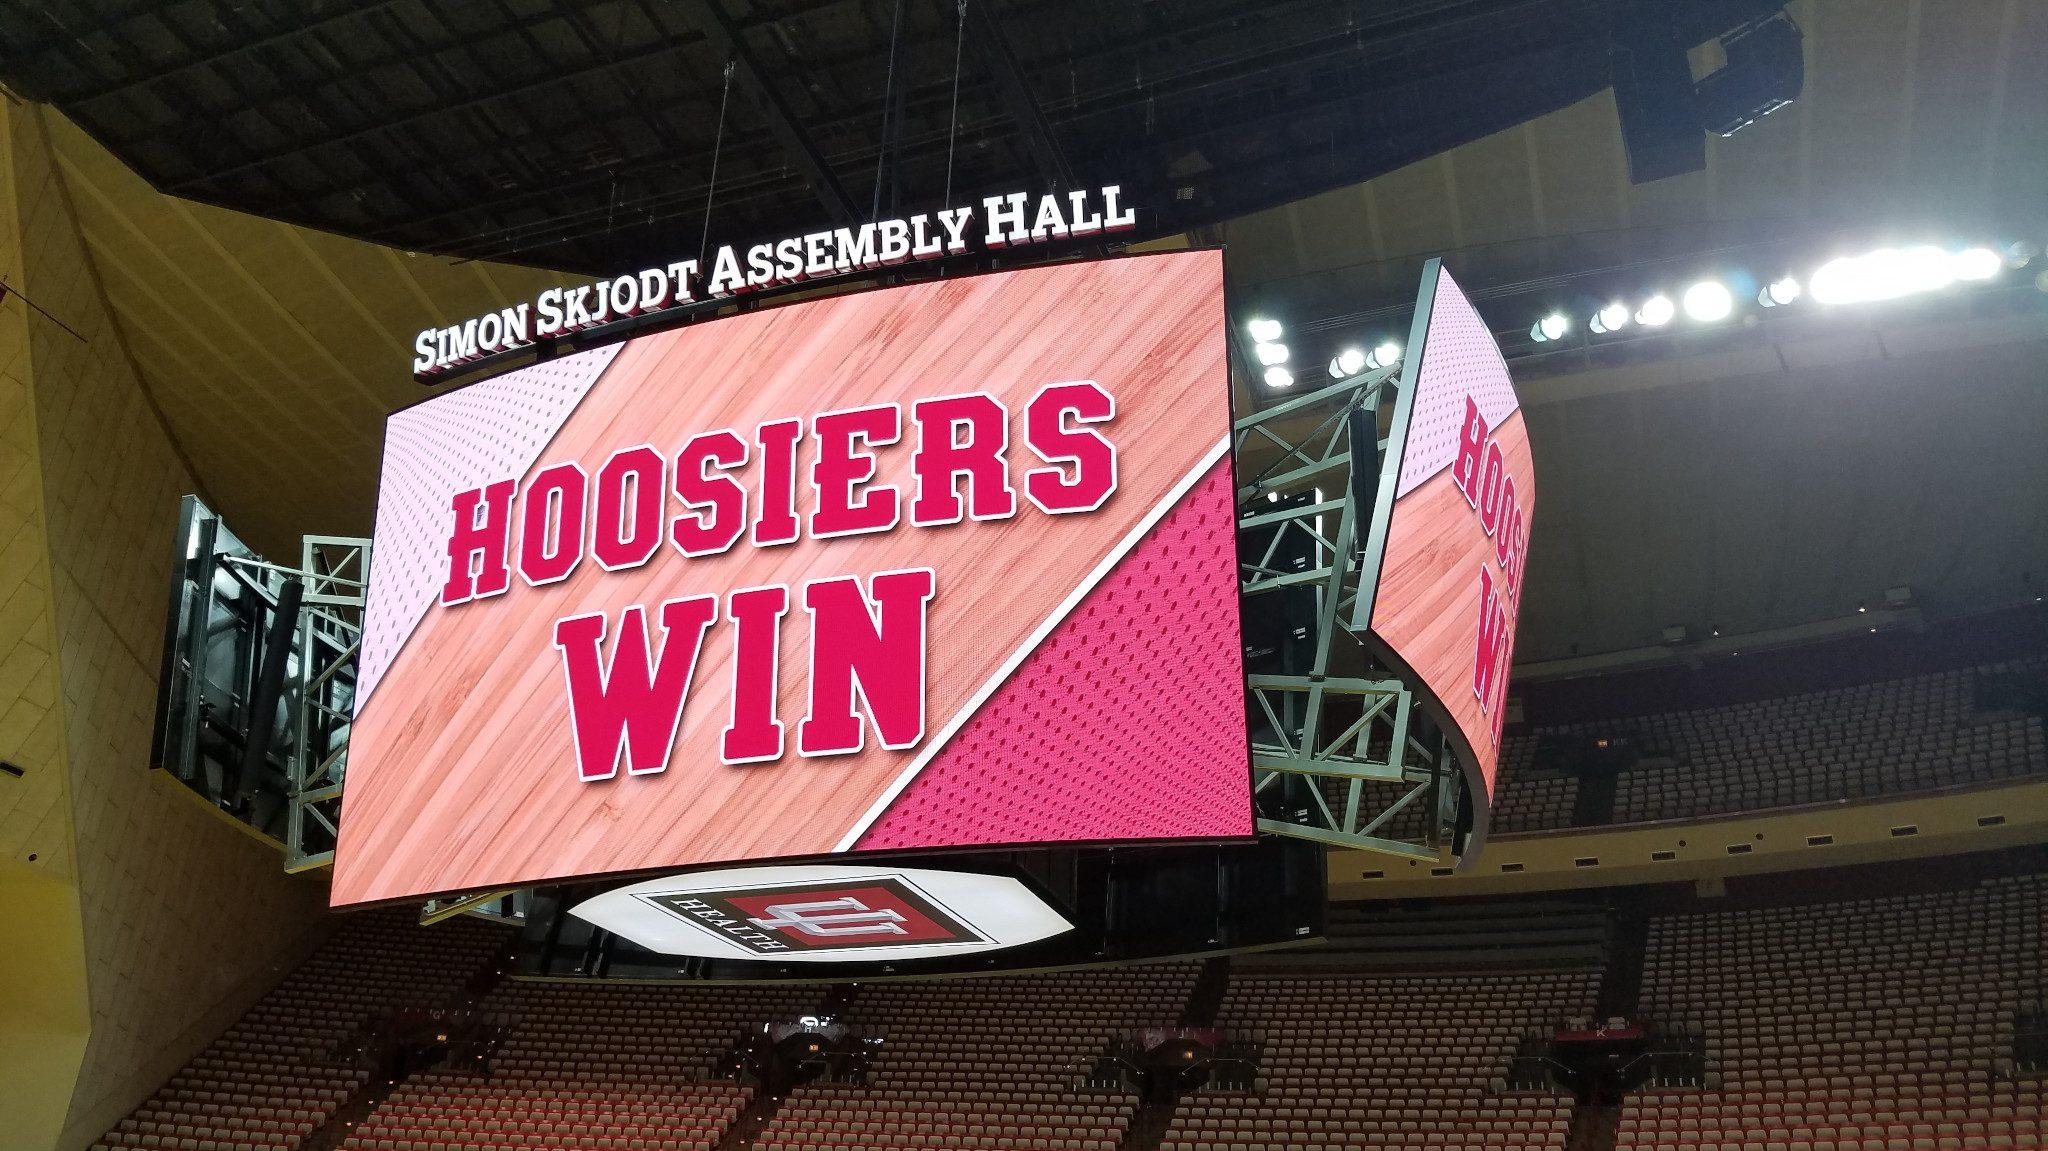 Indiana University's Simon Skjodt Assembly Hall